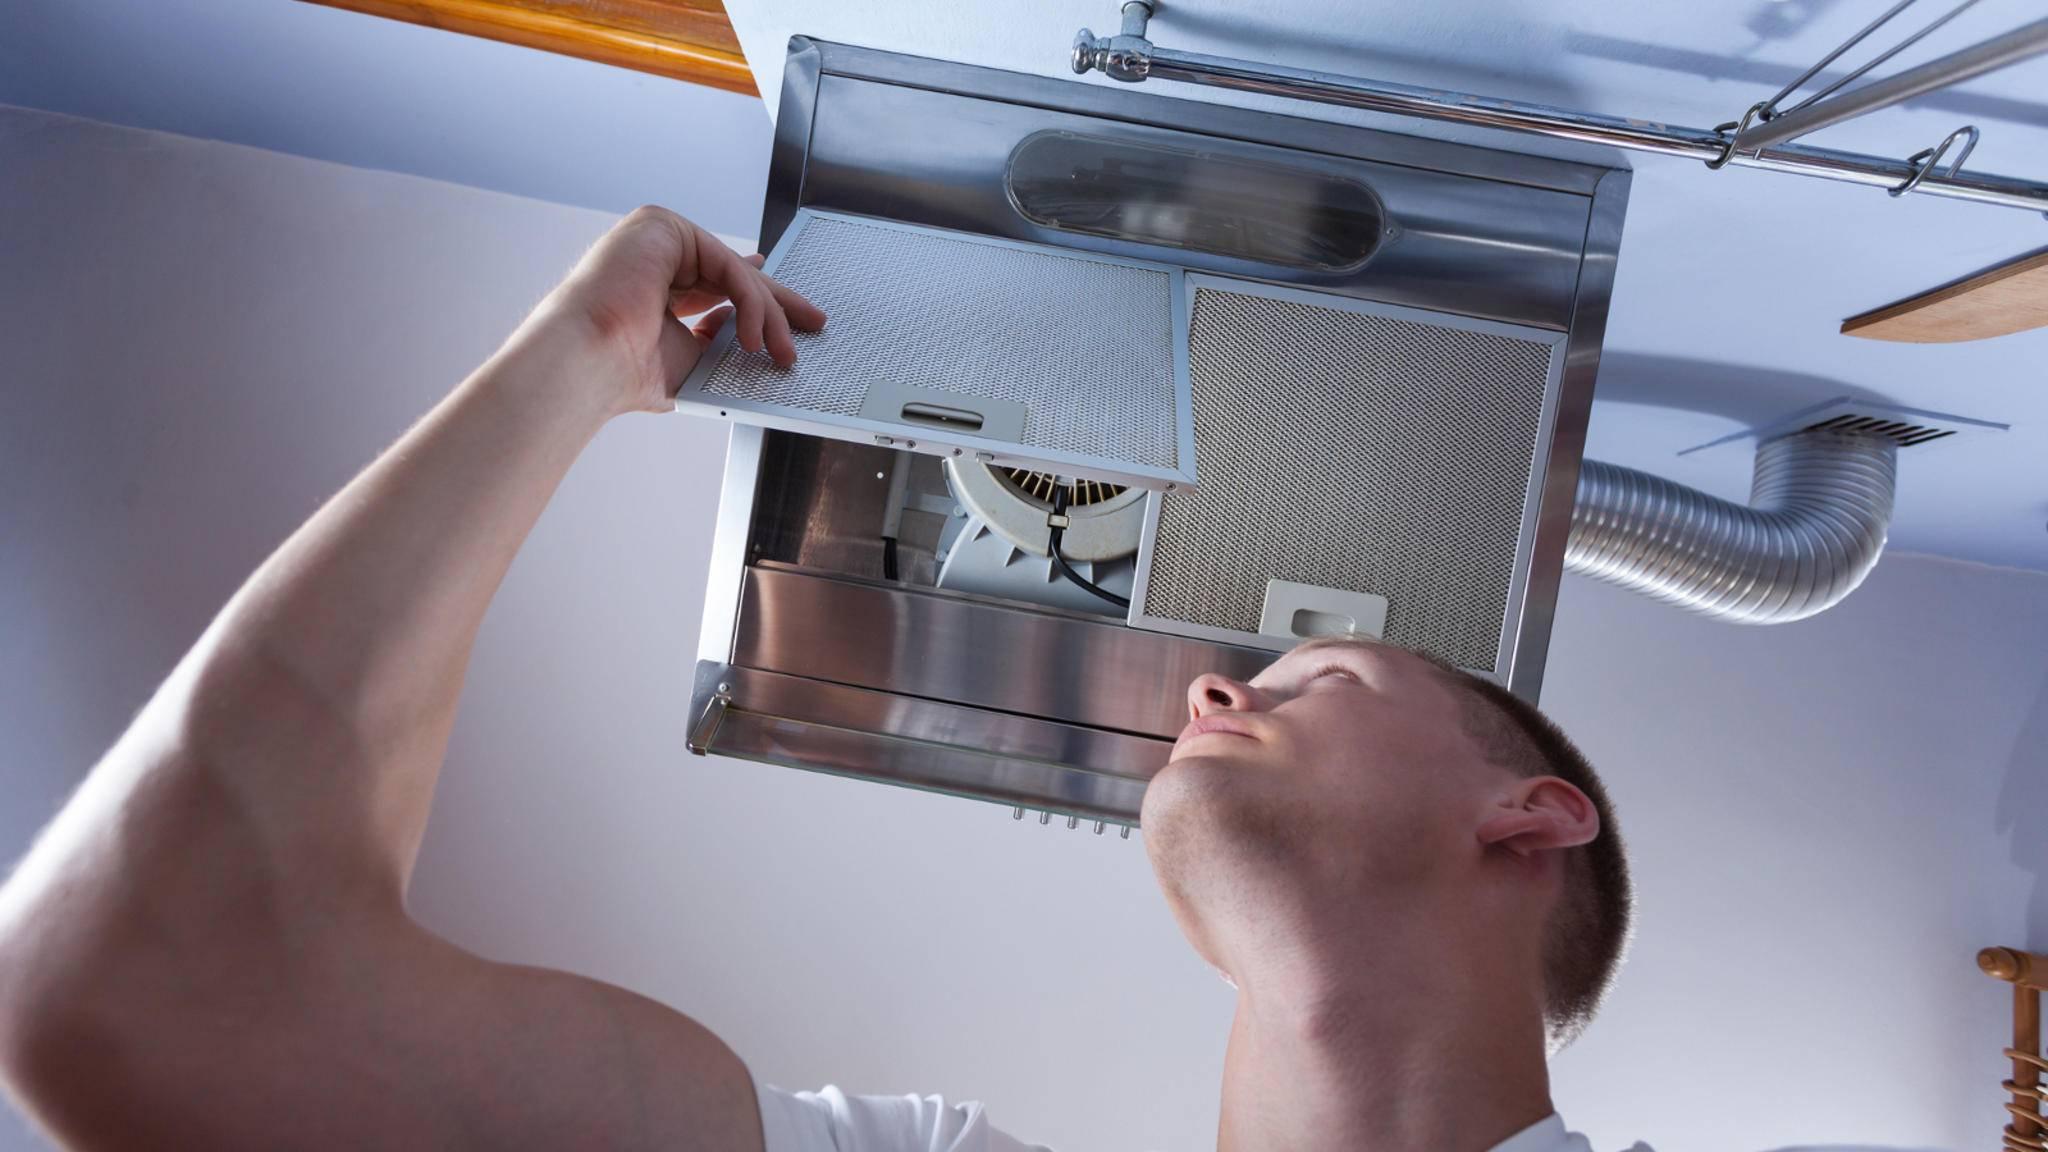 Damit die Dunstabzugshaube ihren Dienst tut, müssen ihre Filter regelmäßig ausgebaut und gereinigt werden.